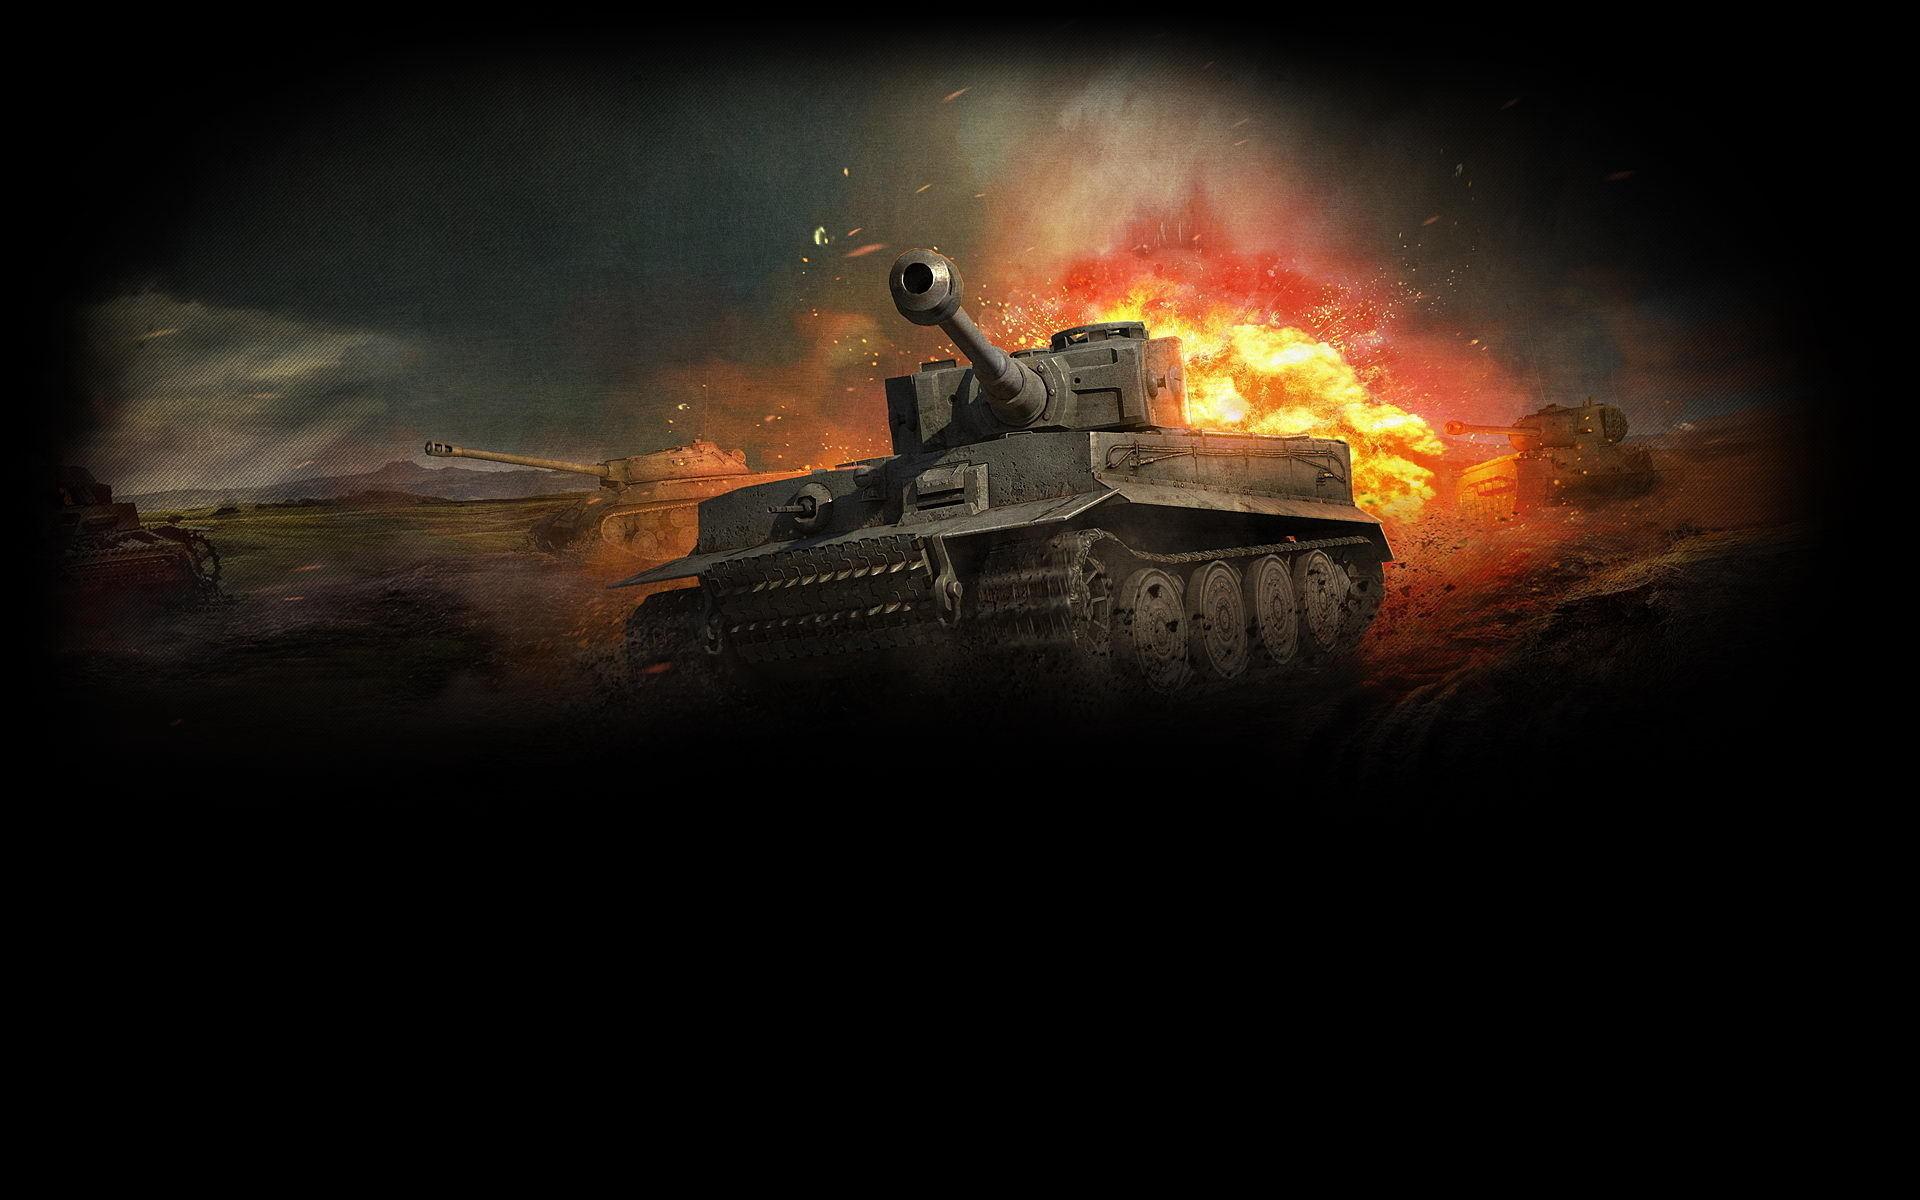 Лидеры по урону среди танков 7 уровня в 2019 году